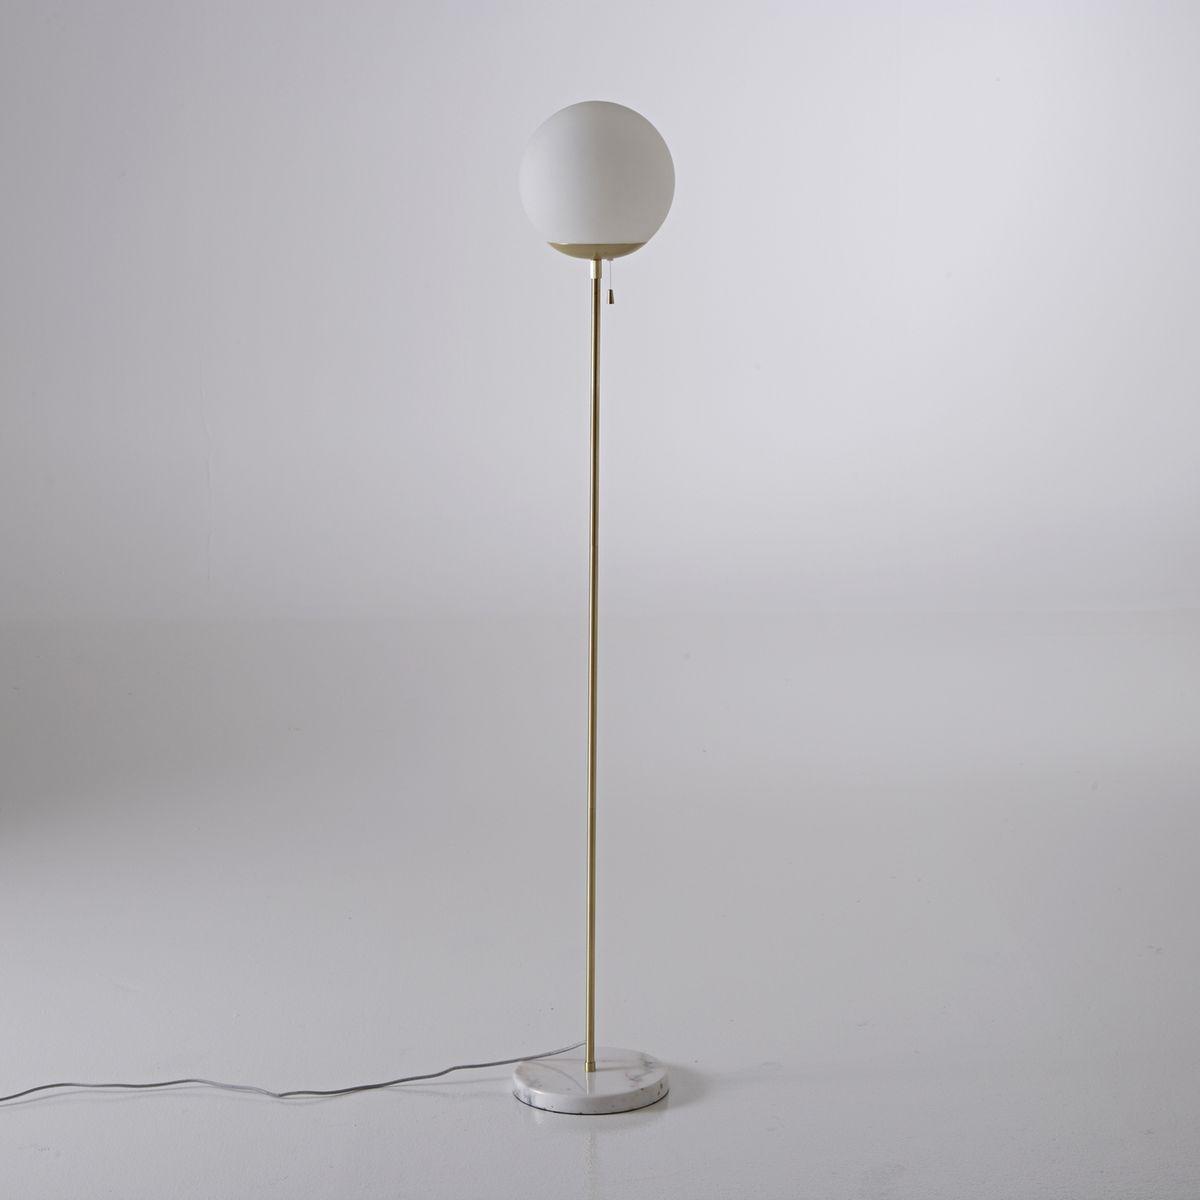 Achat lampadaire Eclairage Décoration Maison et jardin discount page 9